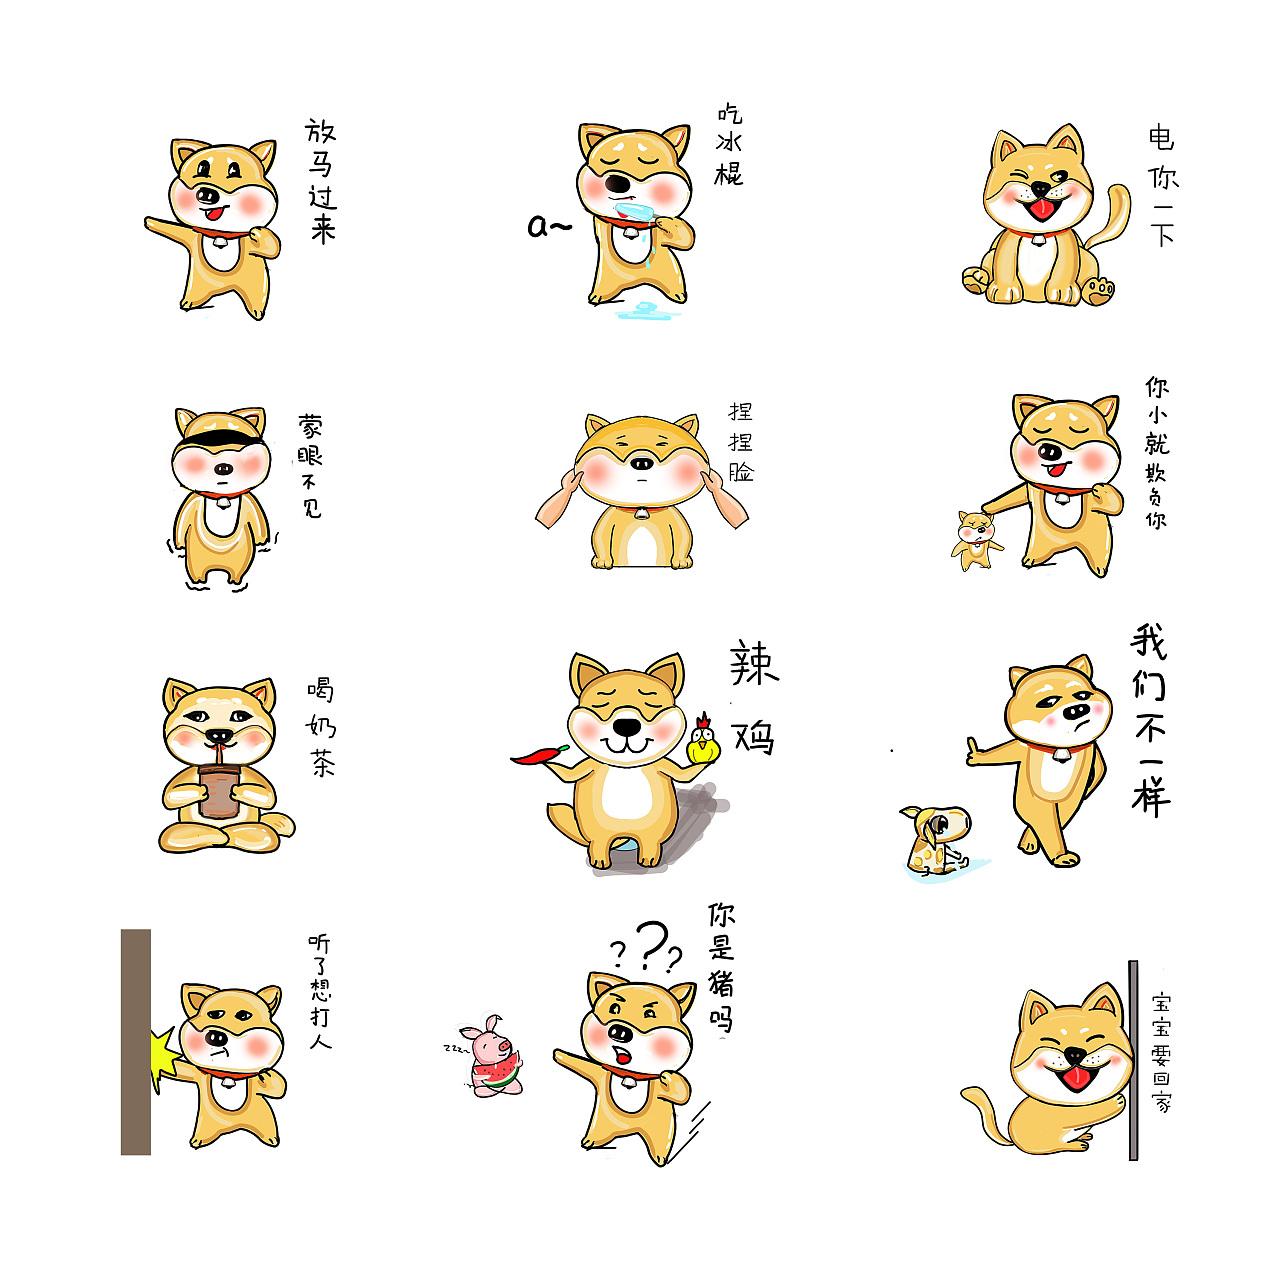 柴犬卡通手绘表情包